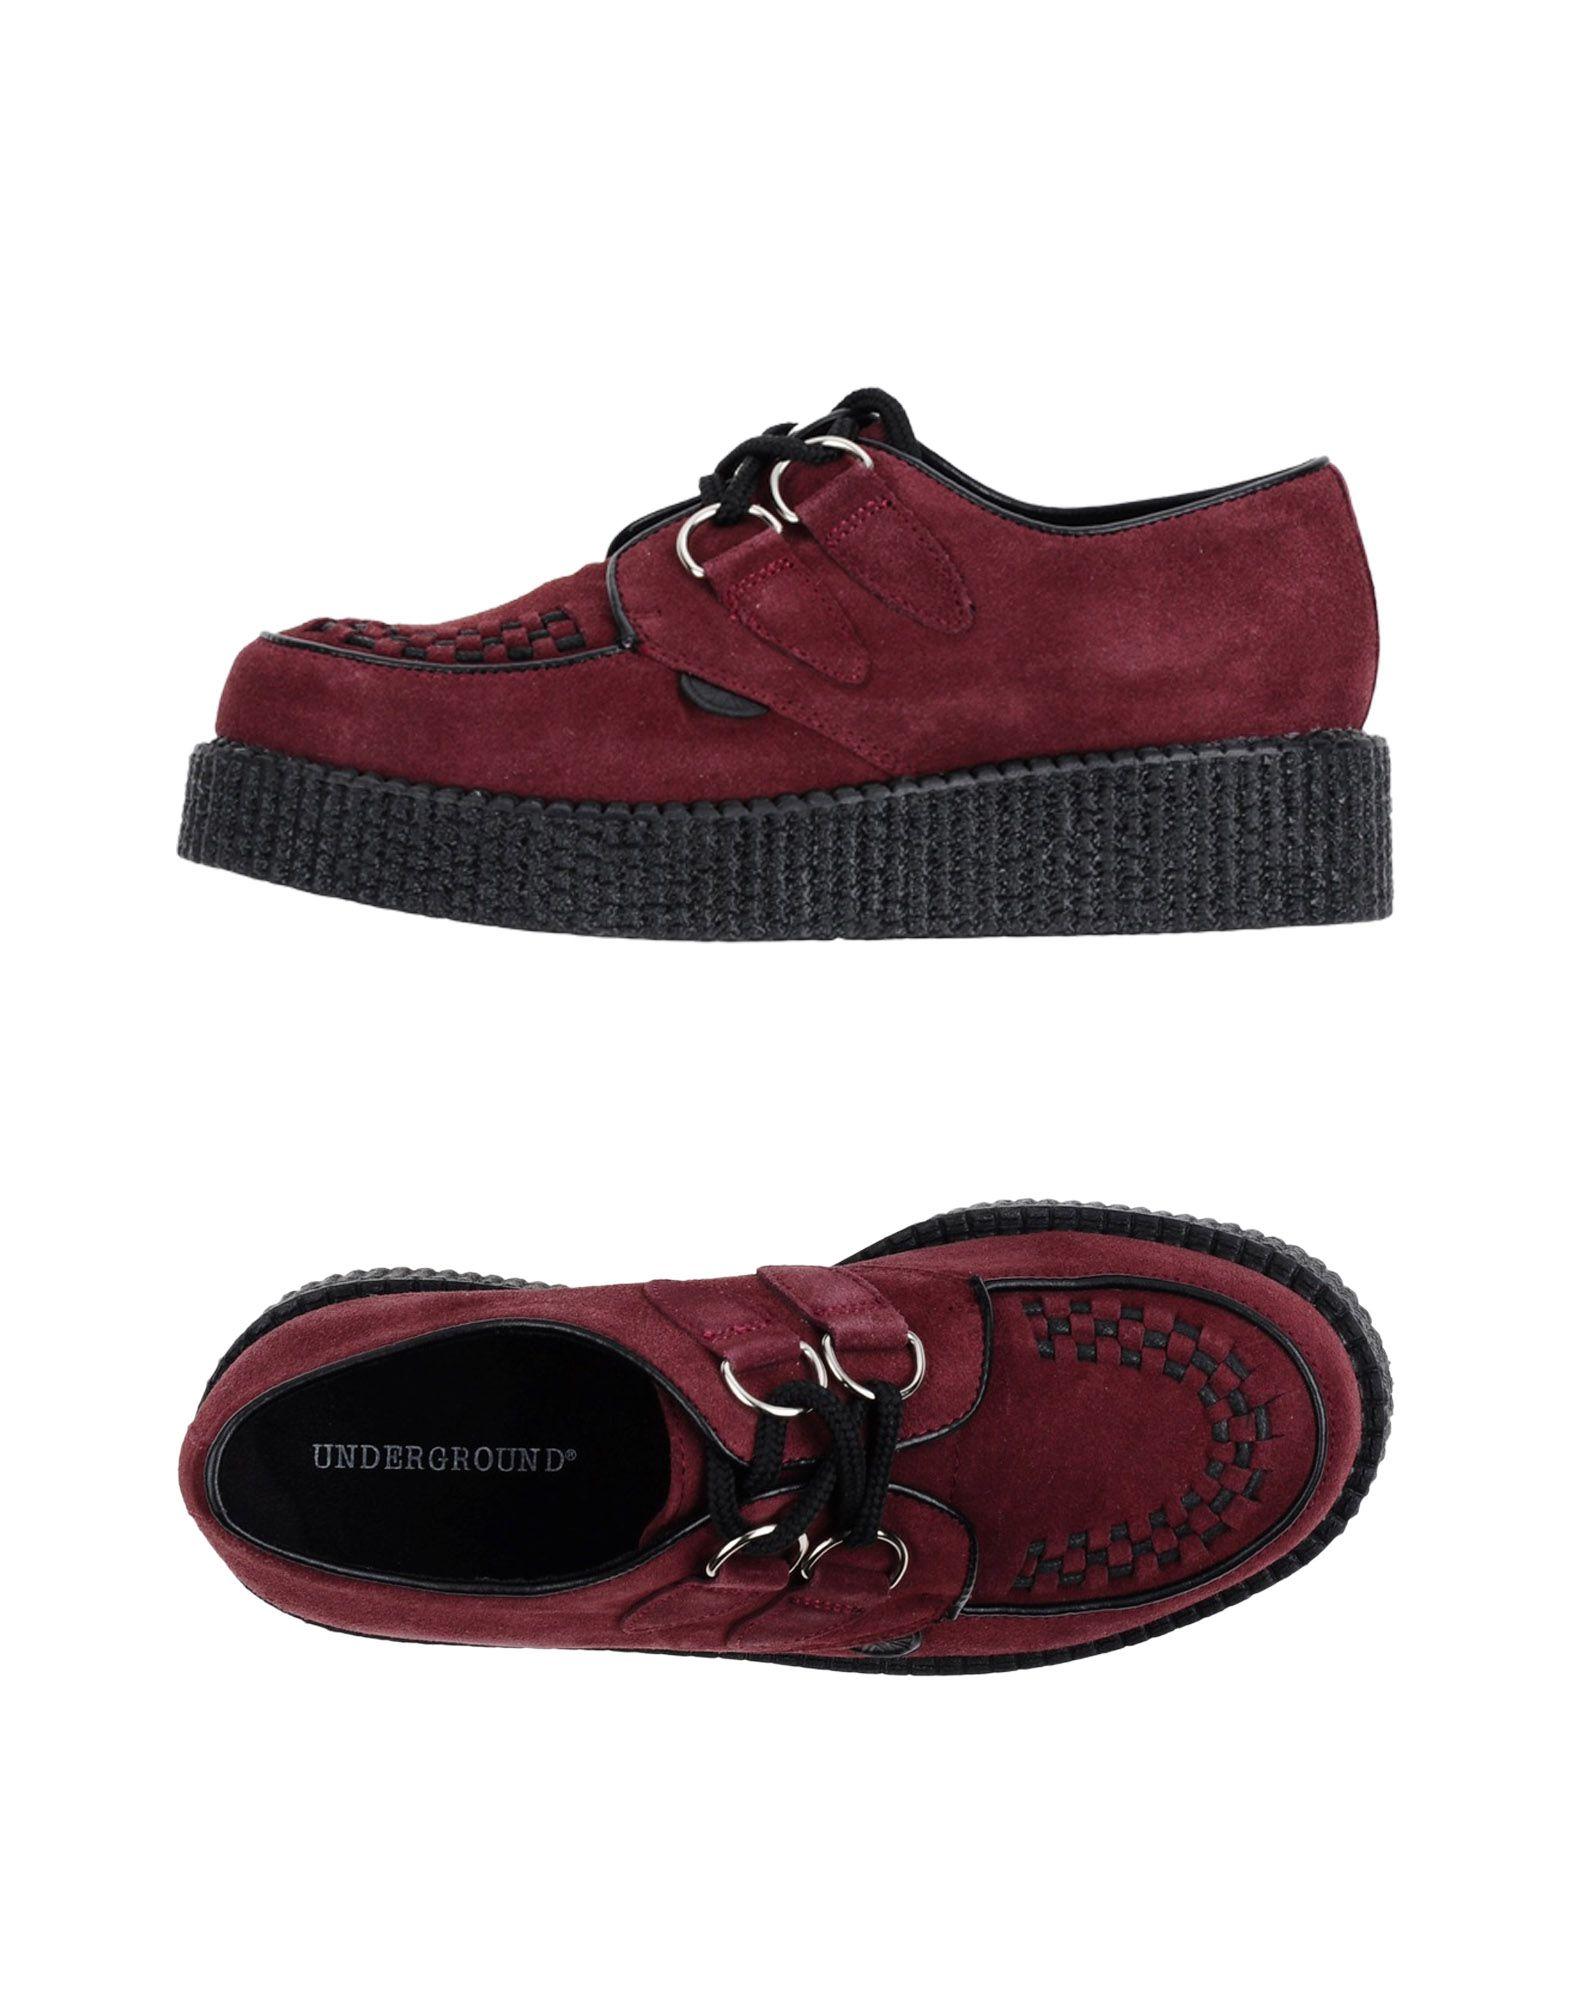 Underground Schnürschuhe Damen  11220443JI Gute Qualität beliebte Schuhe